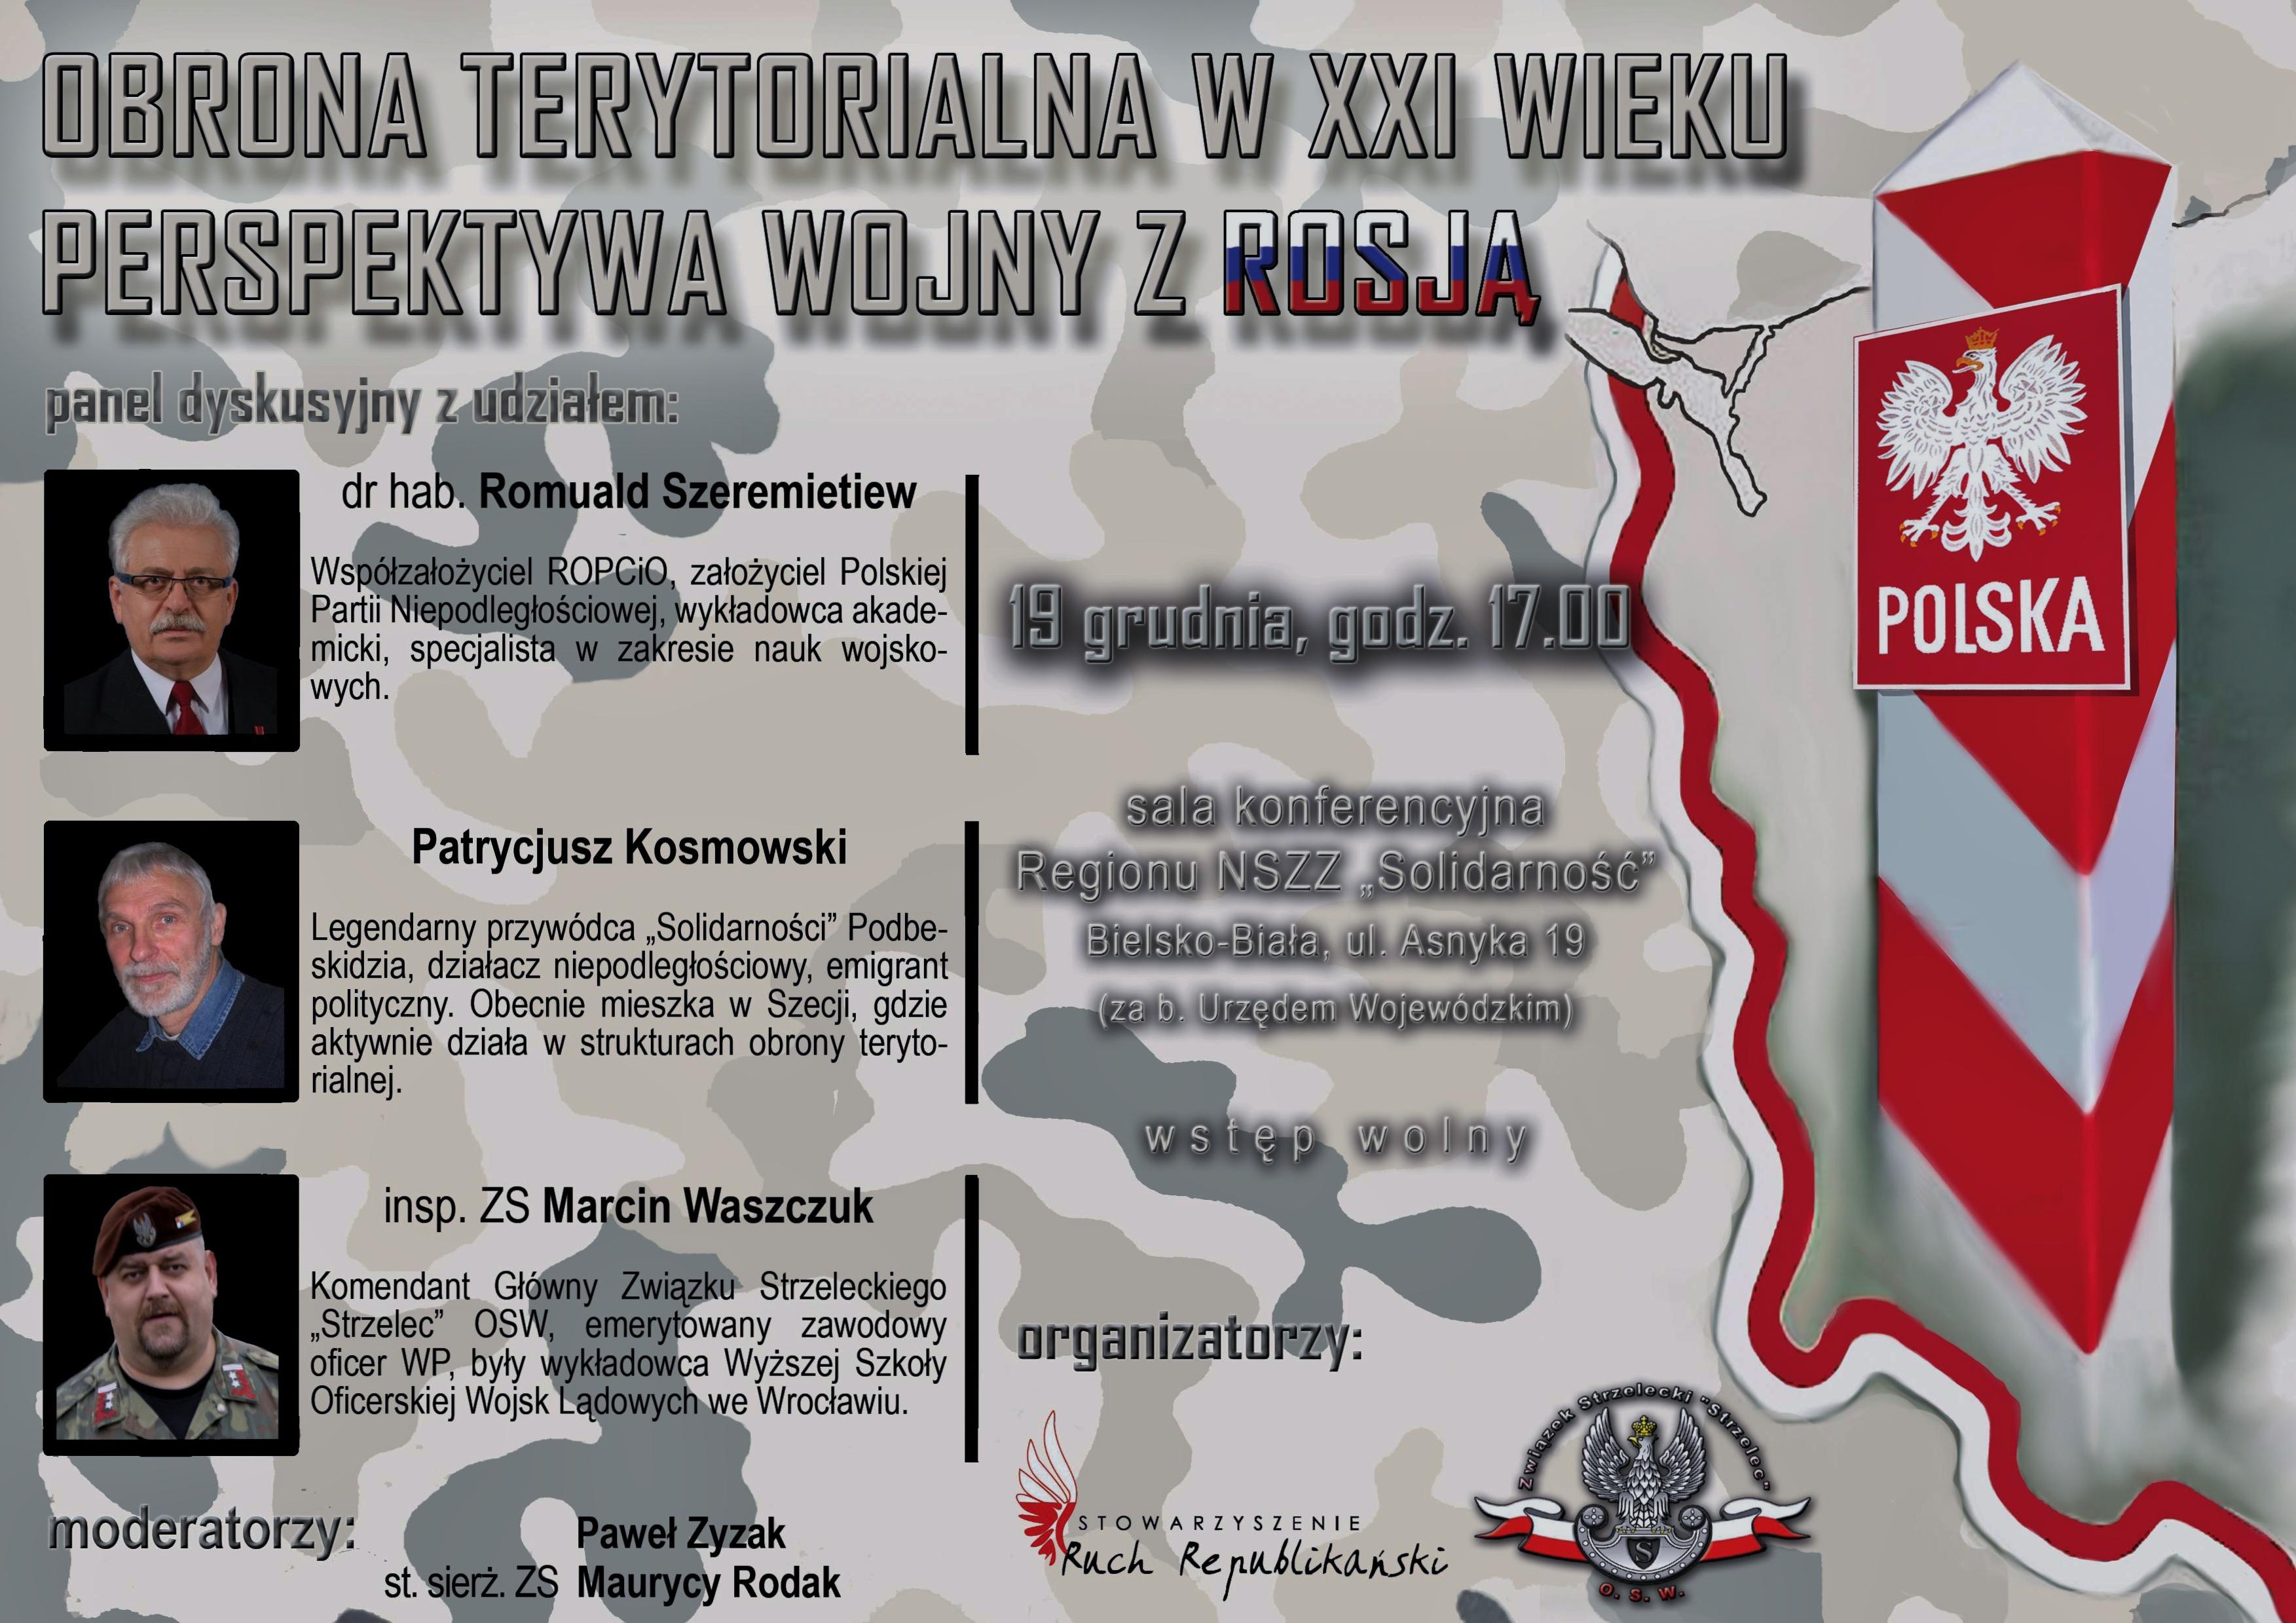 plakat_ostateczny